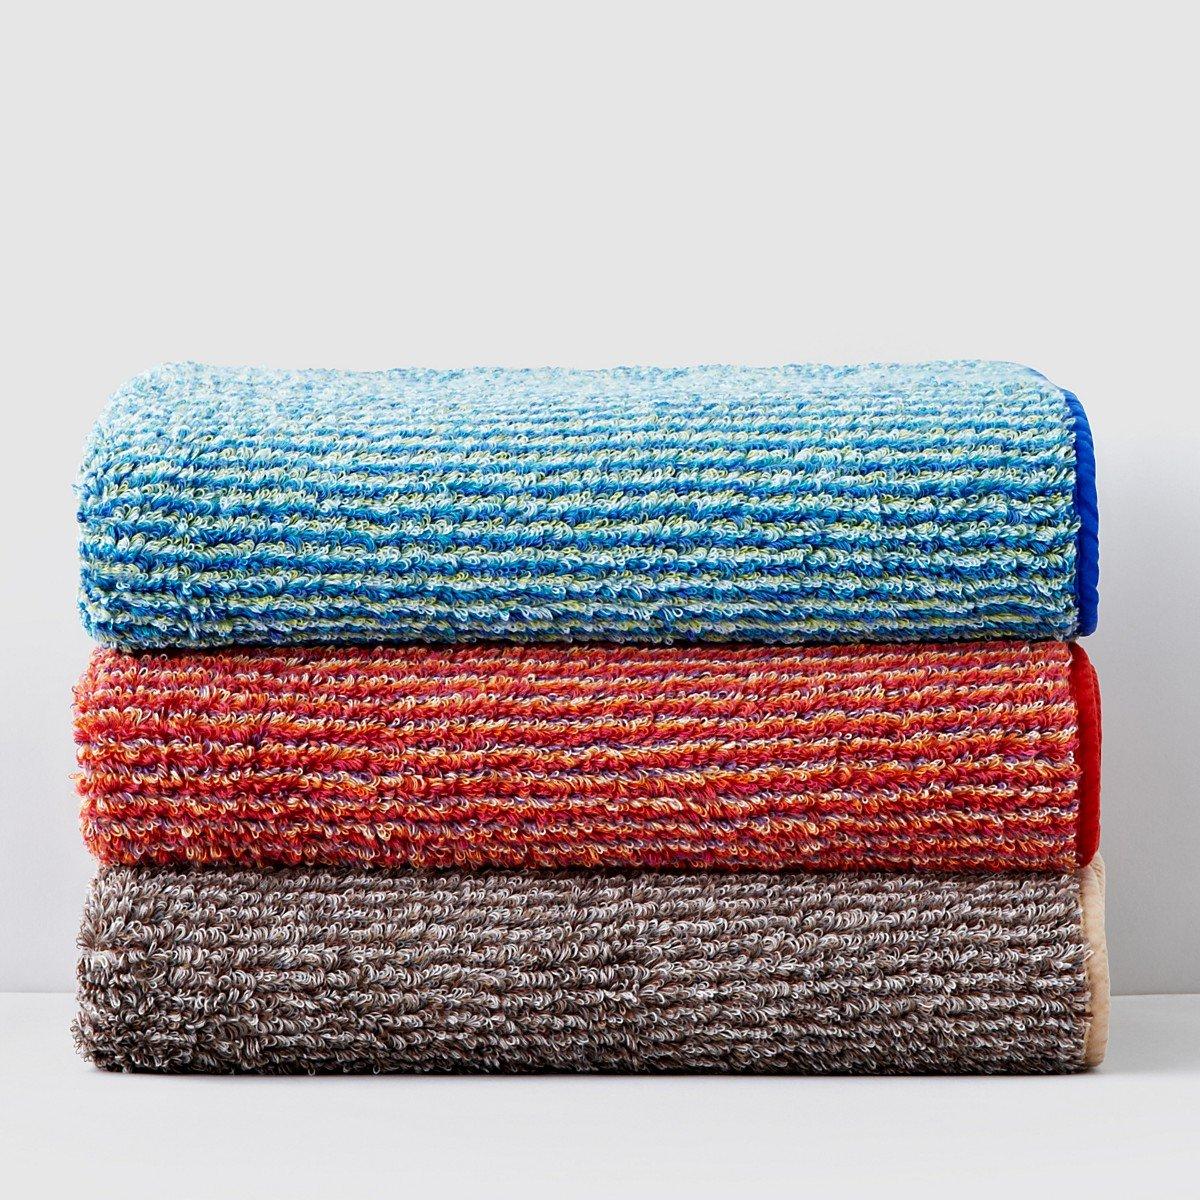 Abismo Cocoon - Toalla de baño, azul multi, 28 in X 54 in: Amazon.es: Hogar